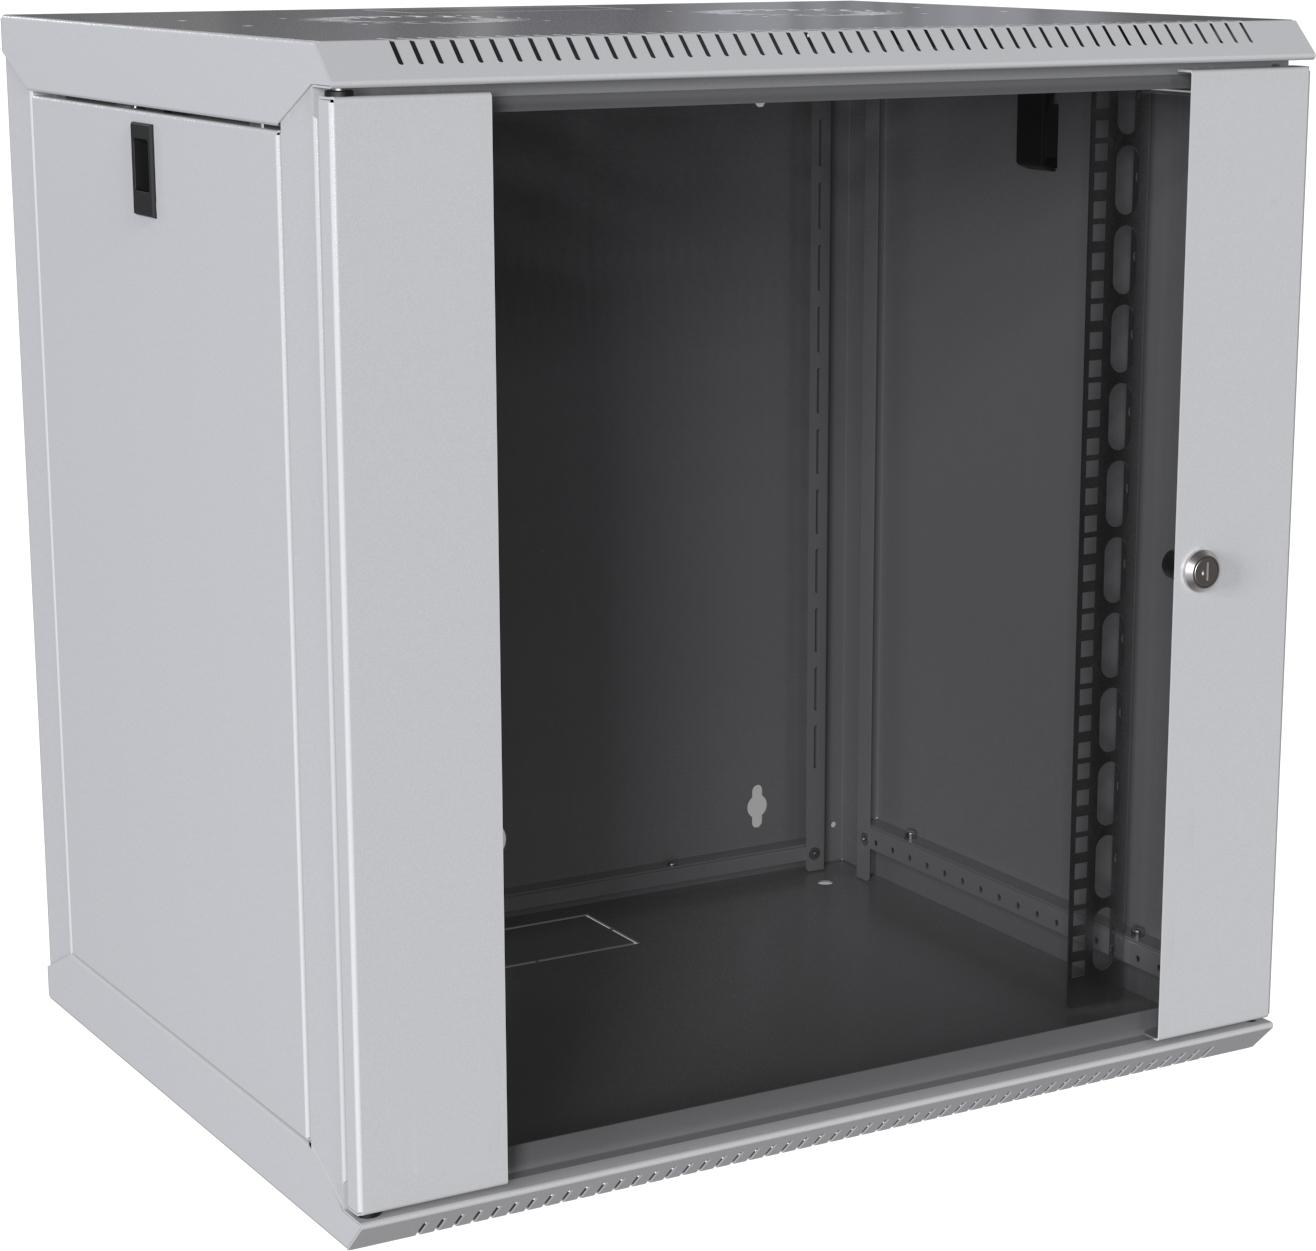 MIRSAN MR.WTC09U45DE.02 :: Сървърен шкаф за мрежово оборудване - 565x445x450 мм, D=450 мм / 9U, бял, за стена, Разглобен